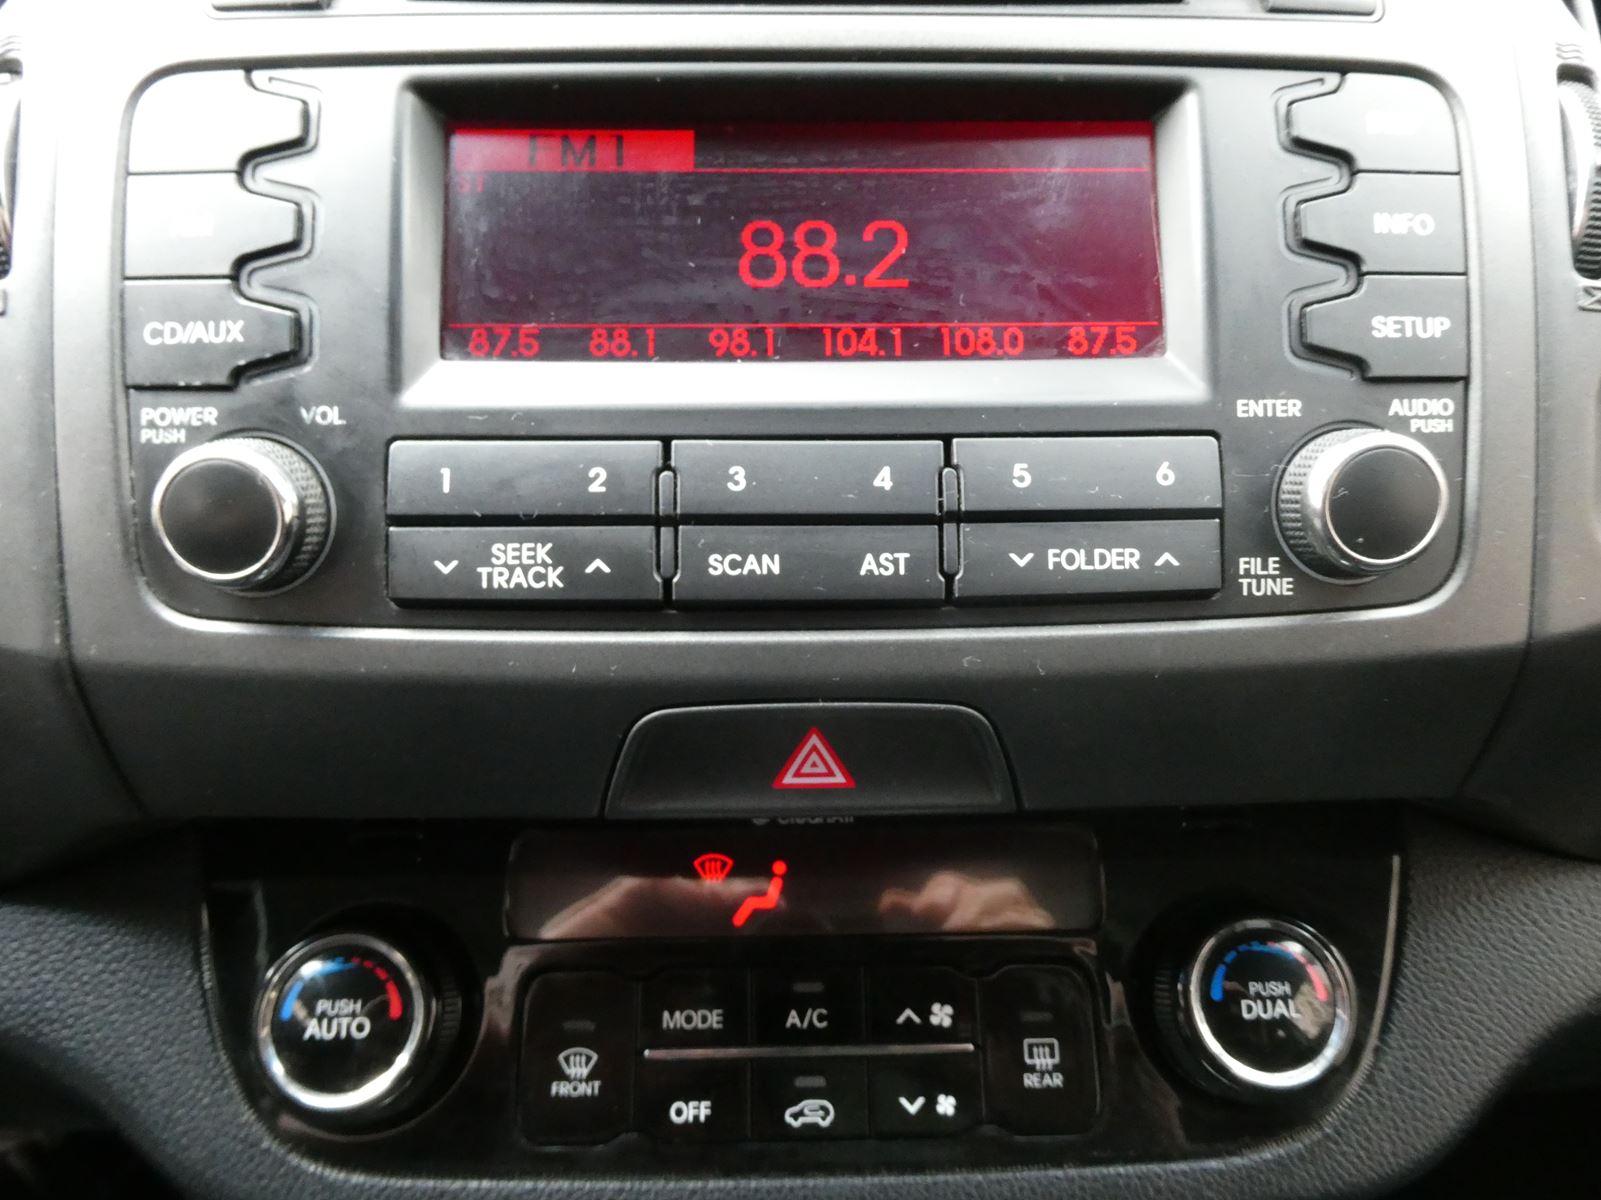 Kia Sportage 2.0 AWD Automatic 163 ch 19